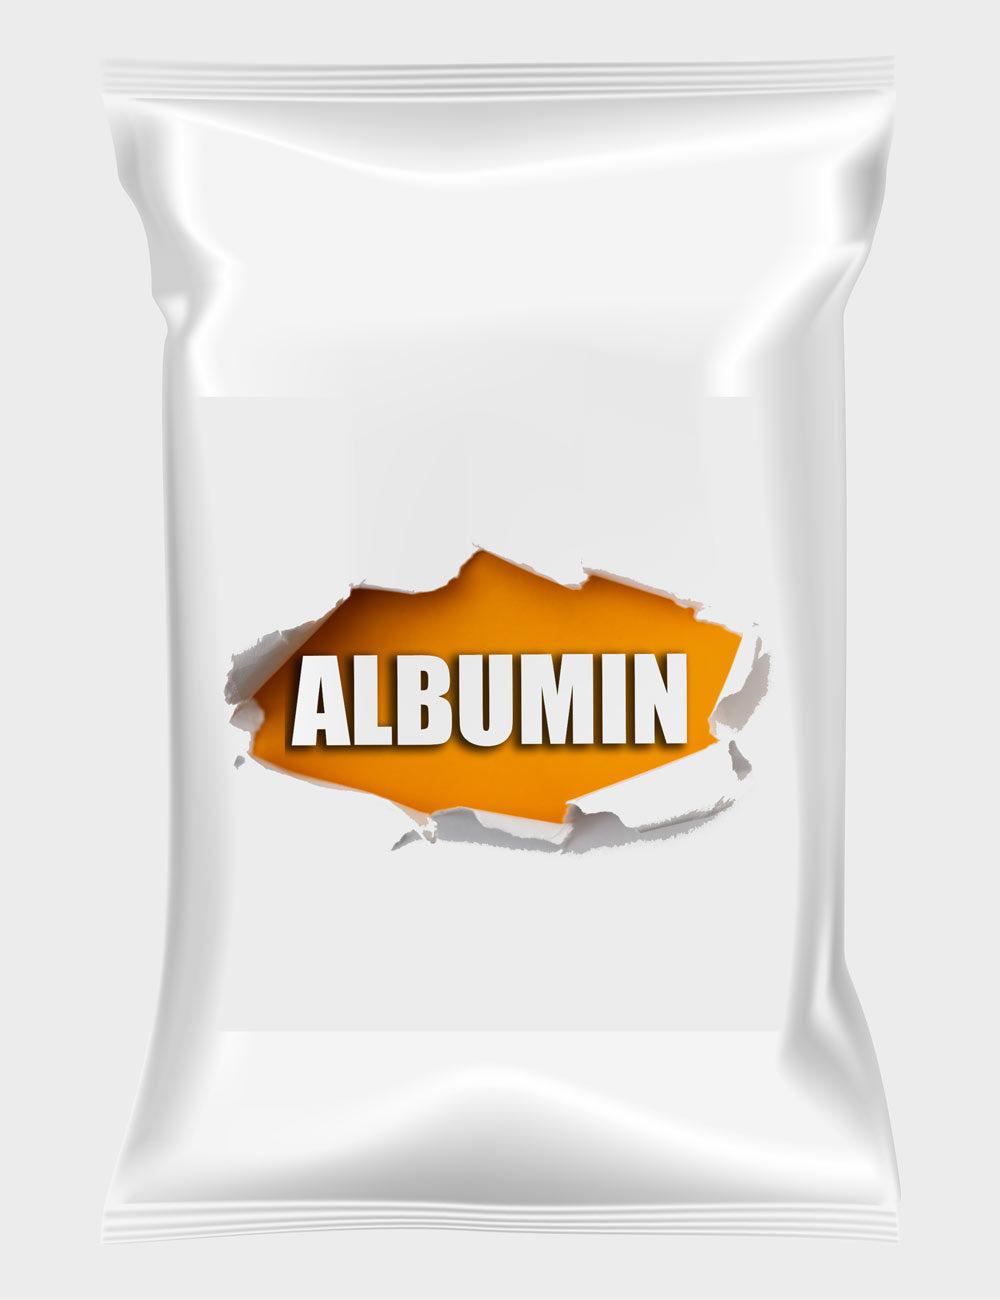 Купить альбумин яичный протеин оптом в Украине, протеин яичный оптом - отзывы цена на сайте - tvoy-prot.com.ua